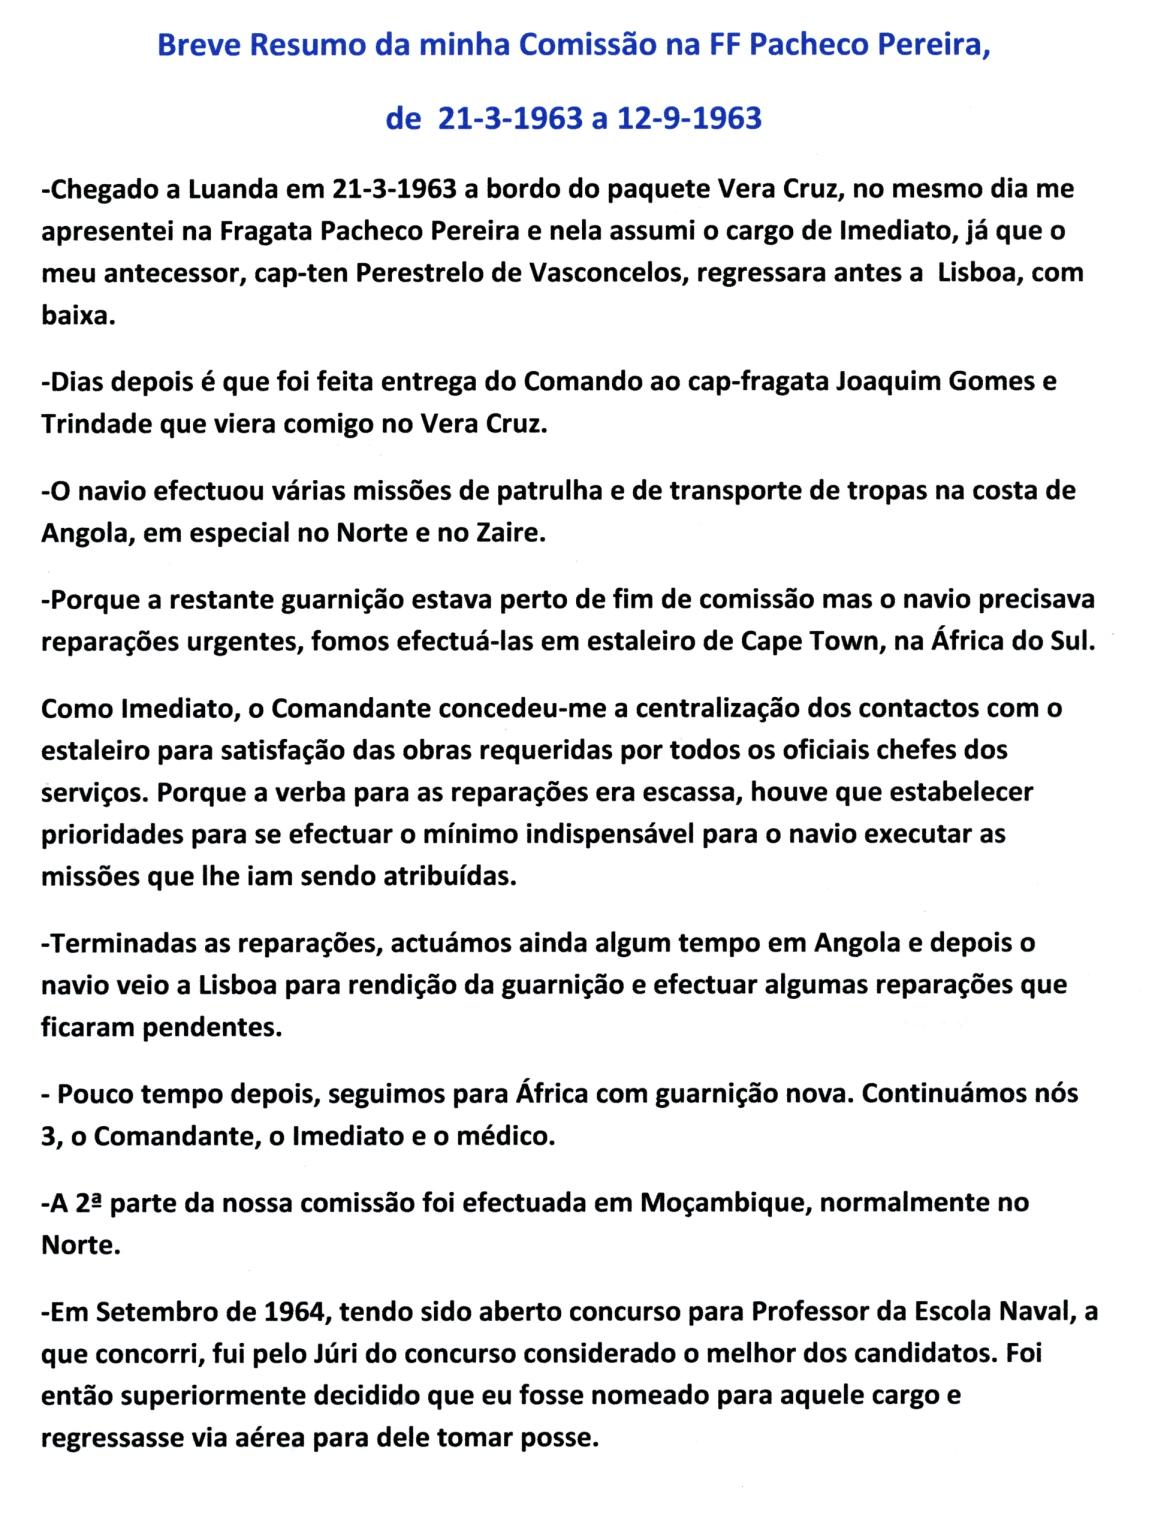 00431 Breve Resumo da minha Comissão na FF Pacheco Pereira